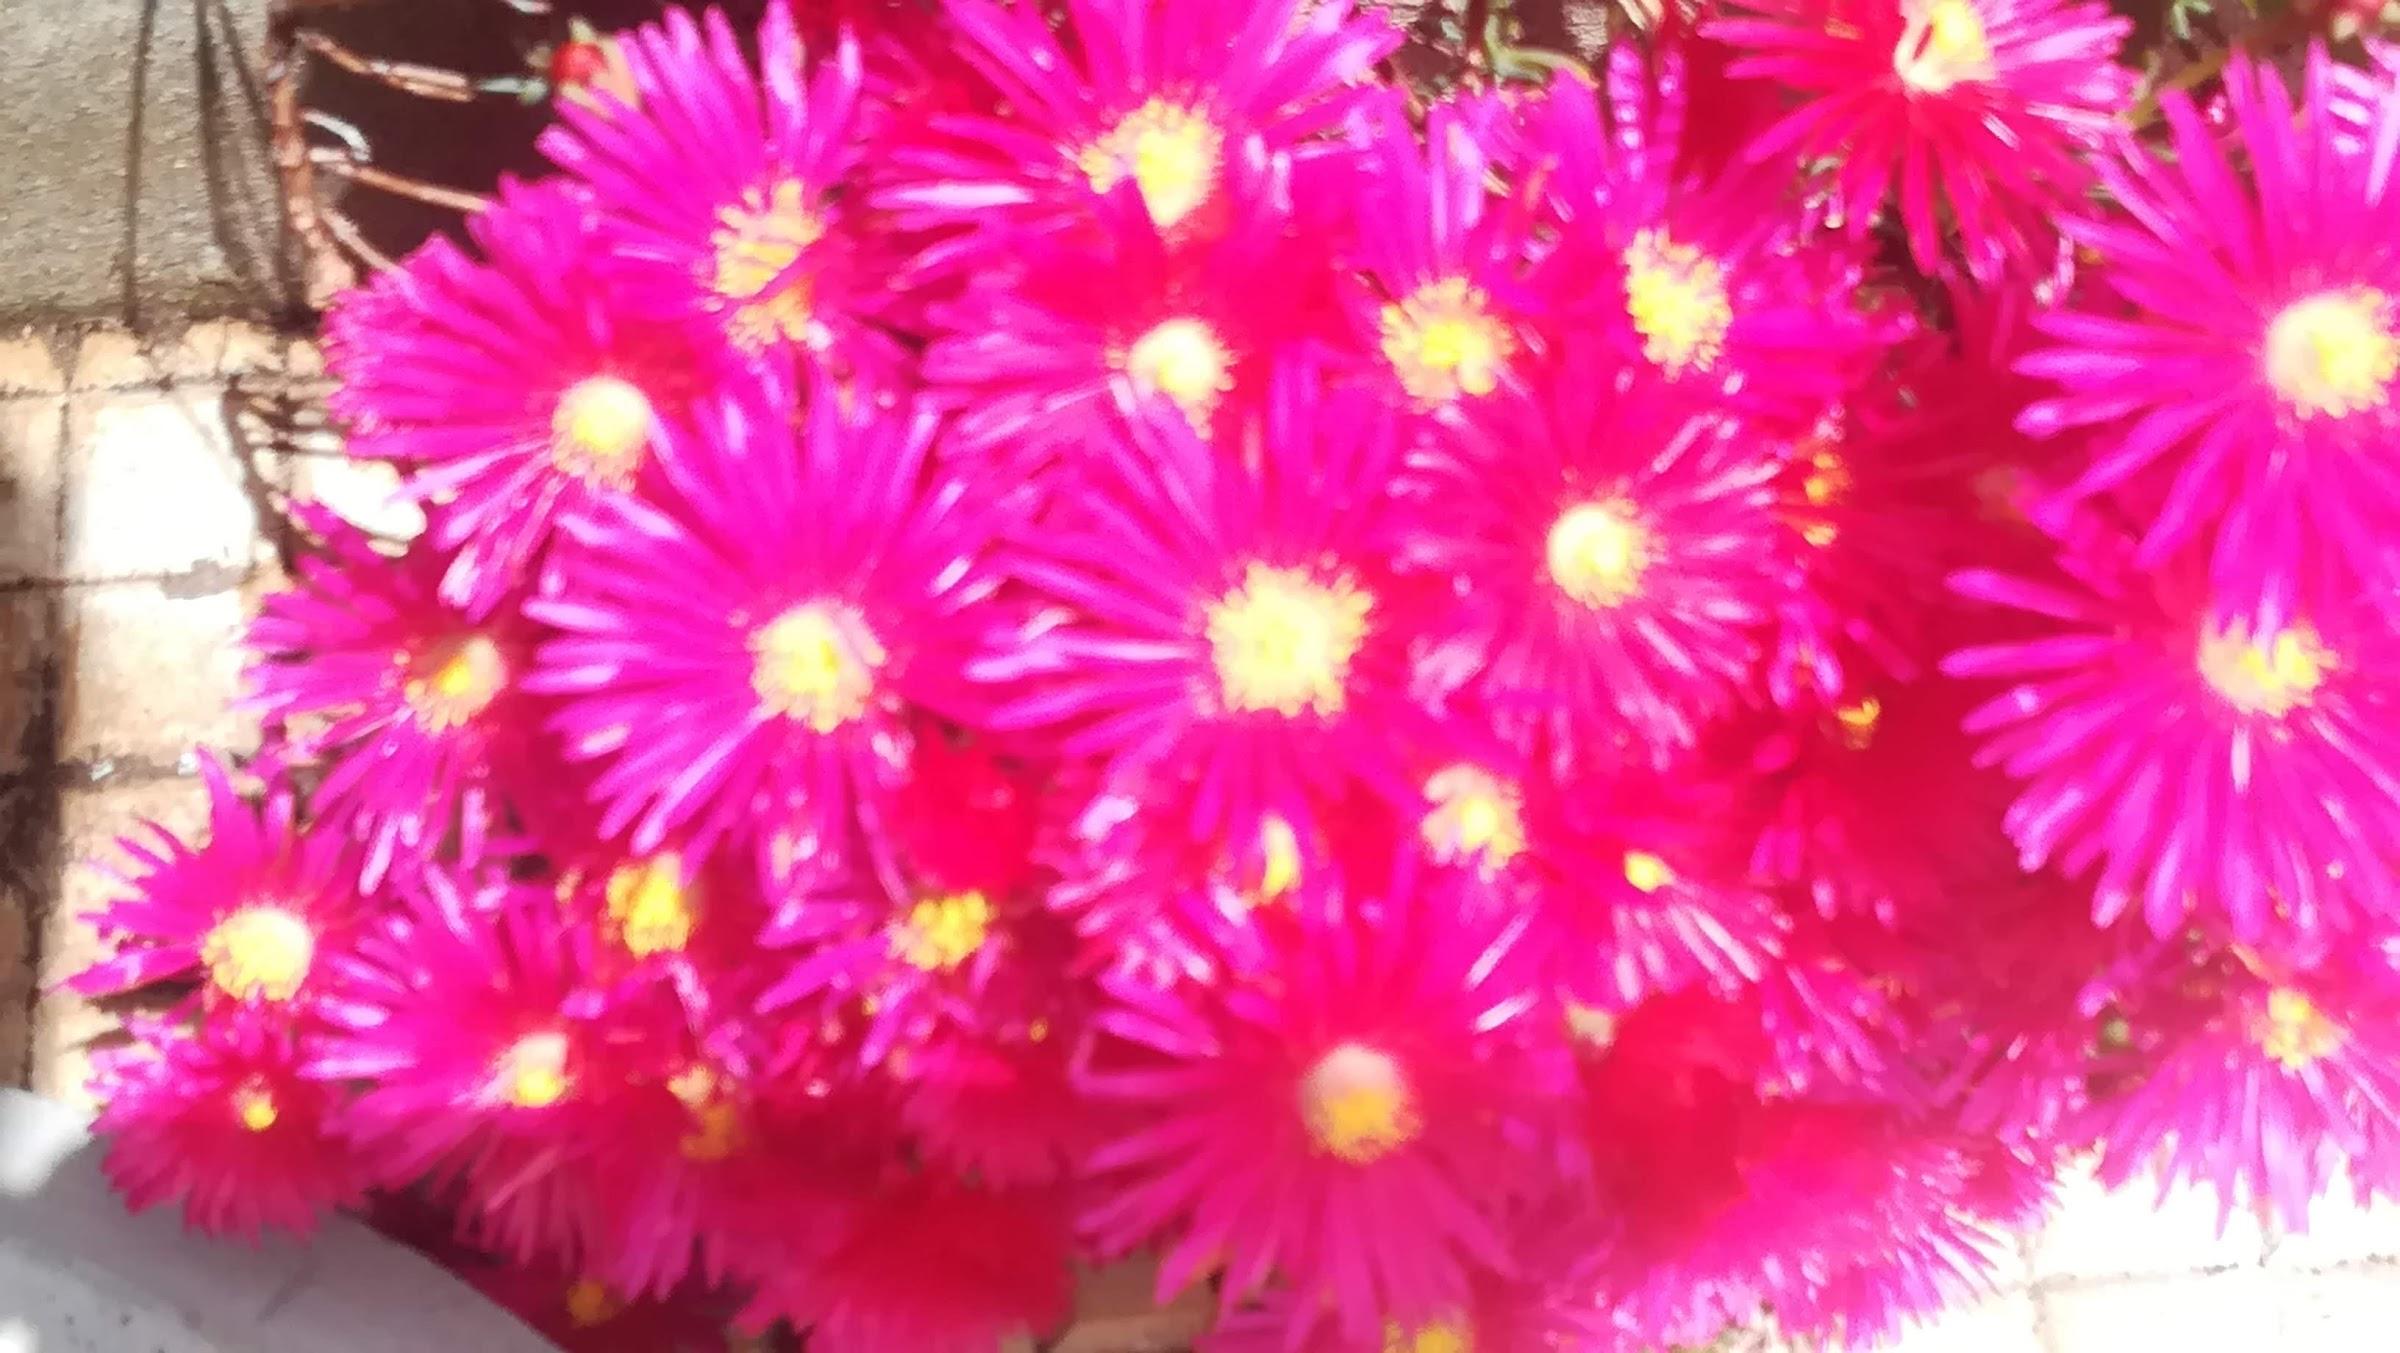 Uitbundige kleuren in de tuin: zo uitbundig dat het zeer doet!